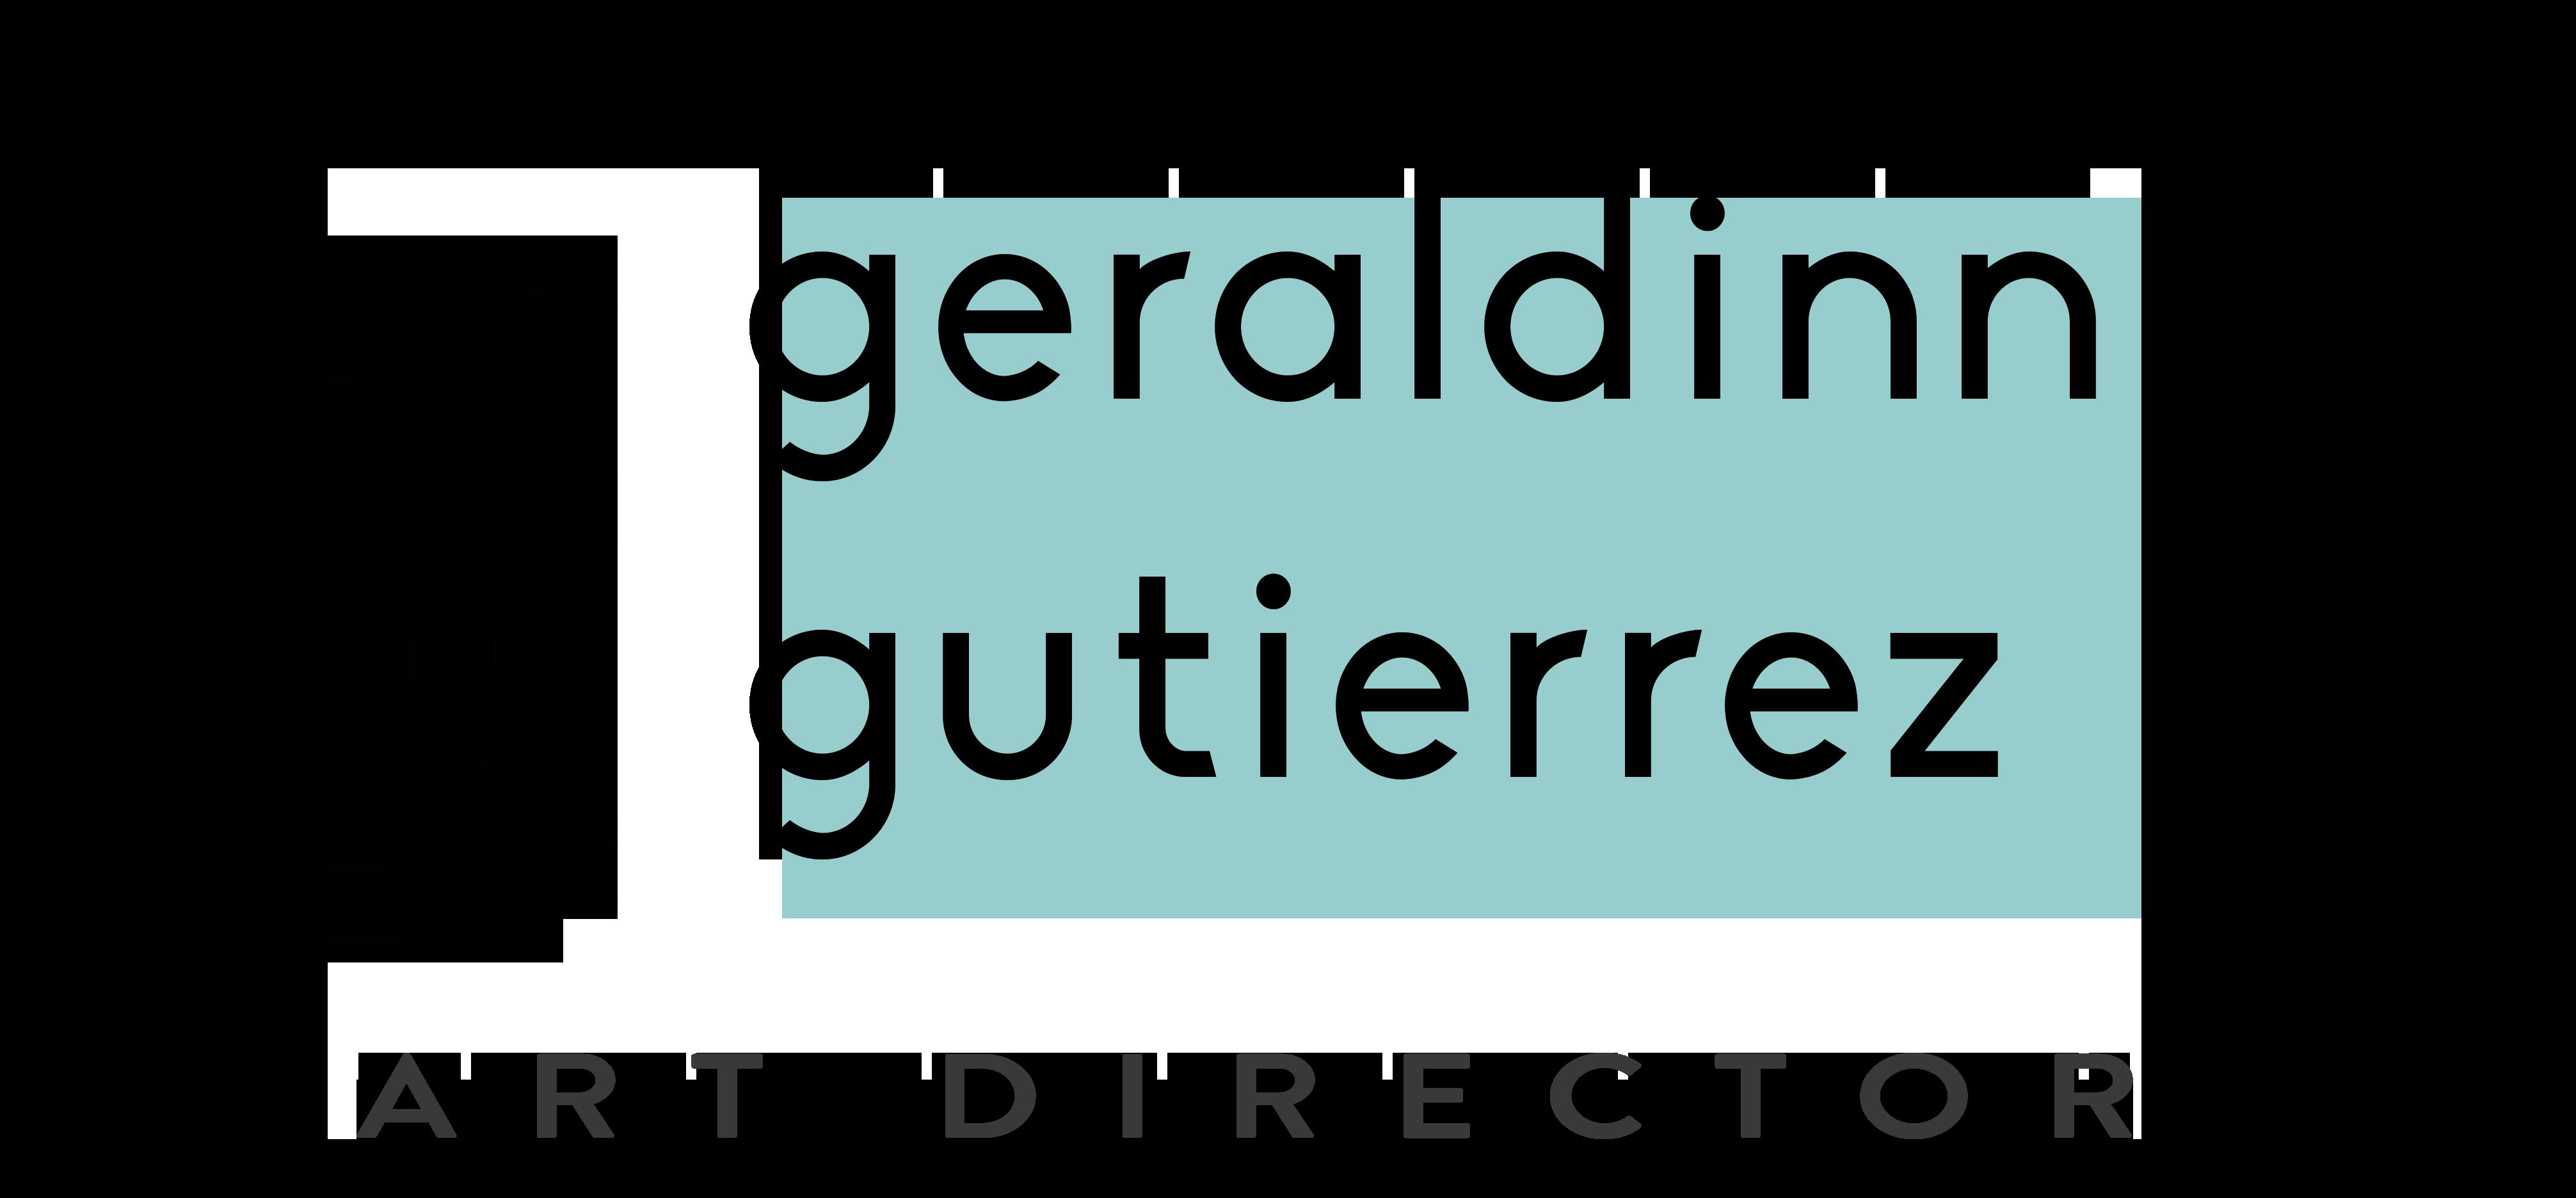 Geraldinn Gutierrez